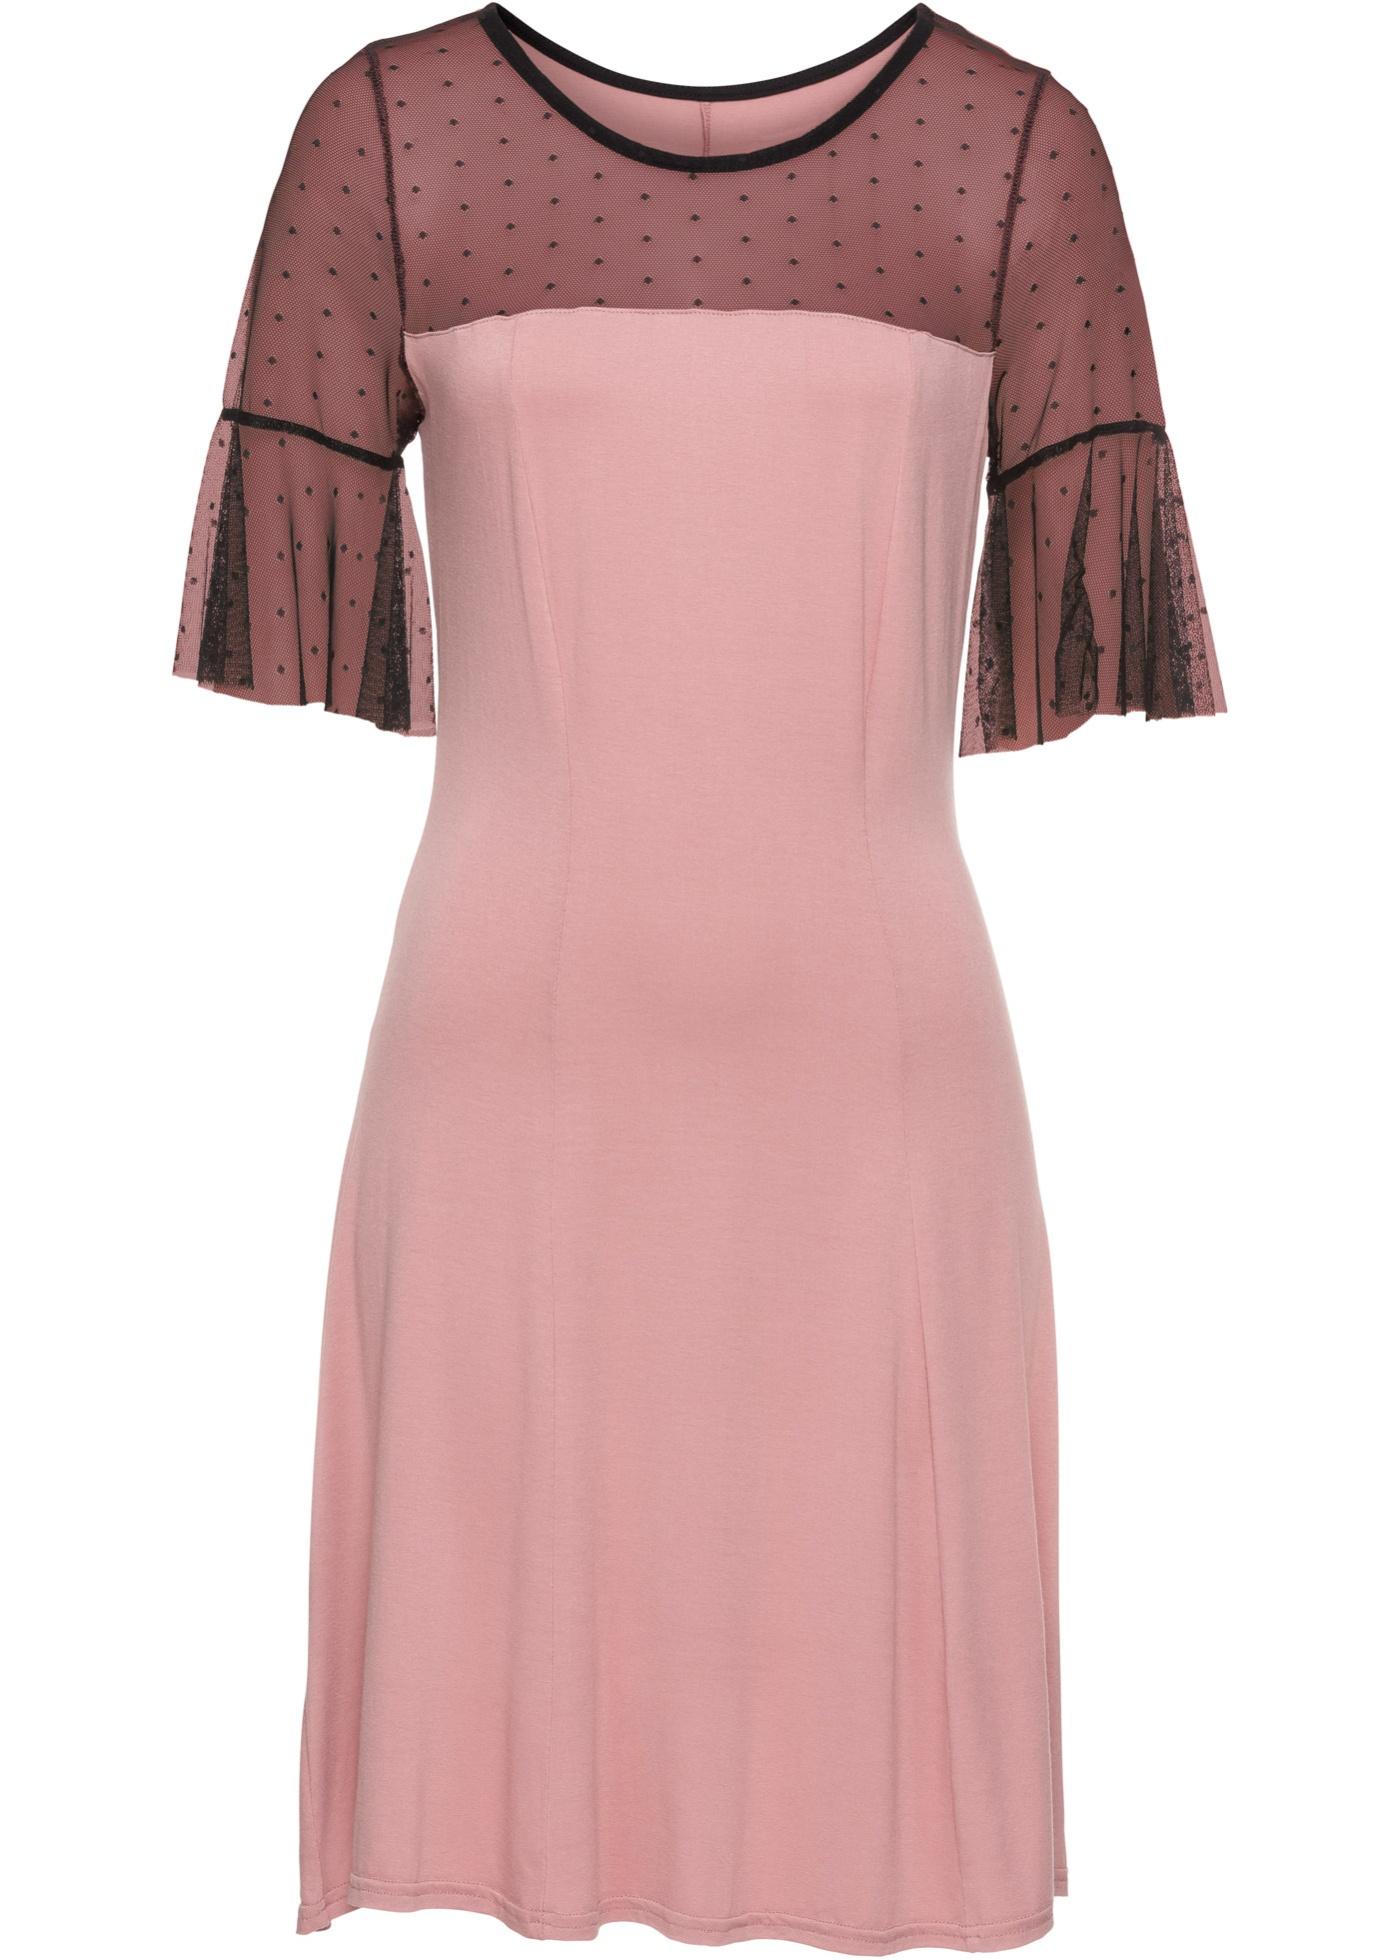 Jerseykleid mit gepunktetem Mesheinsatz